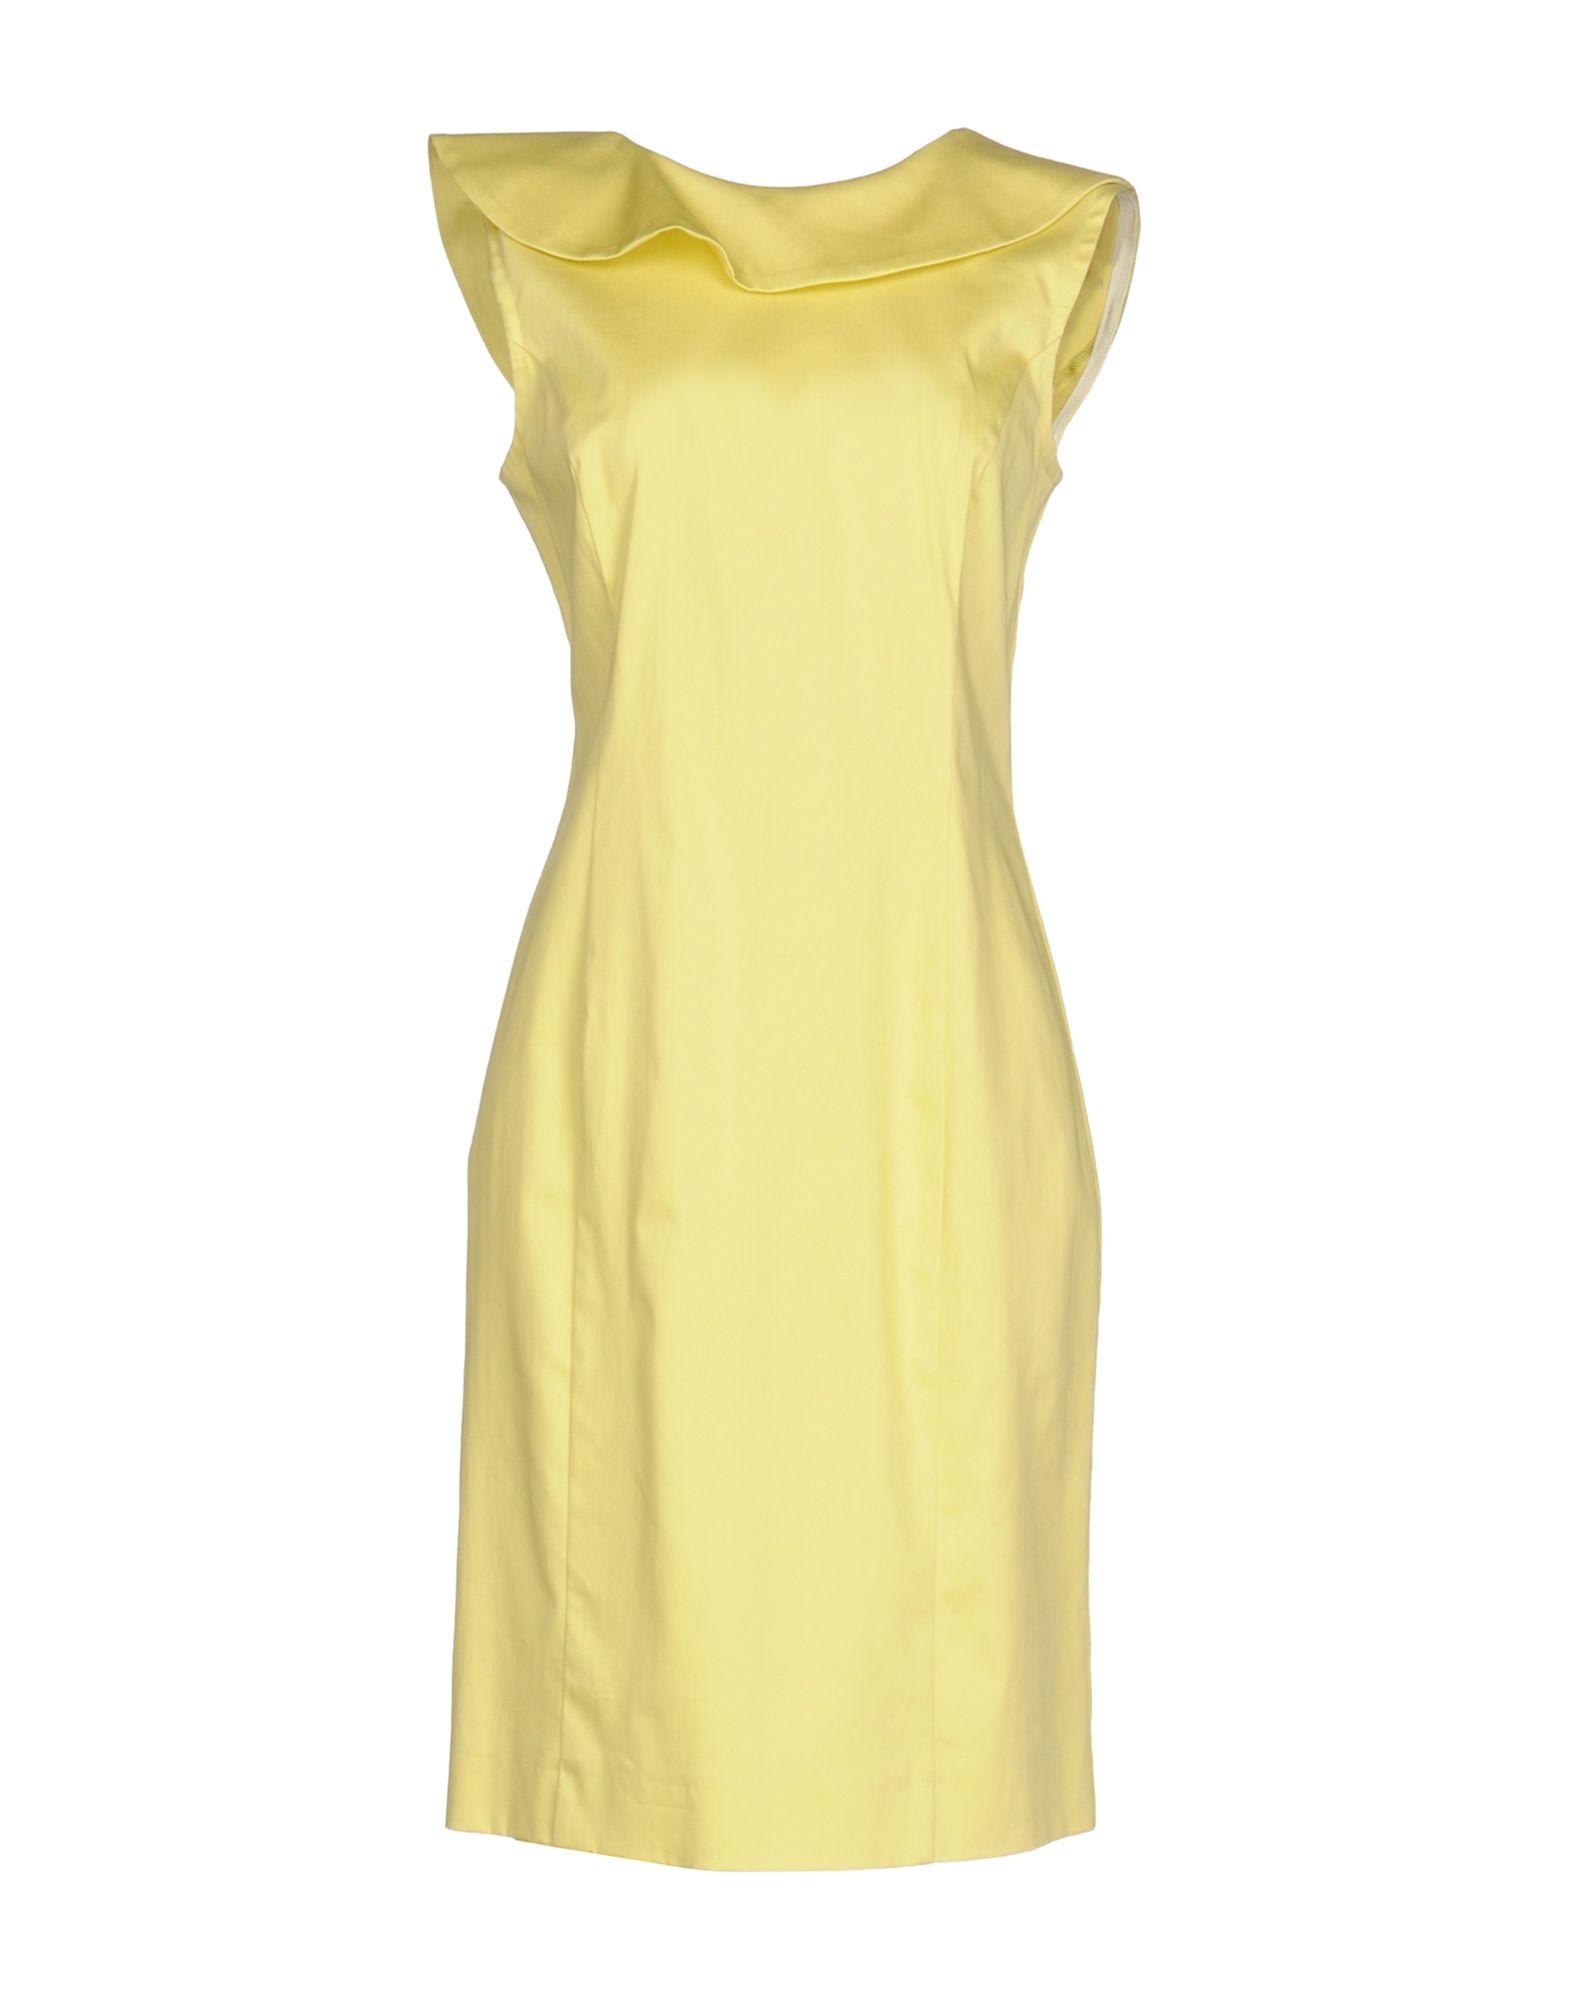 Vestito Corto Blanca Luz Donna - Acquista online su FxPj4b